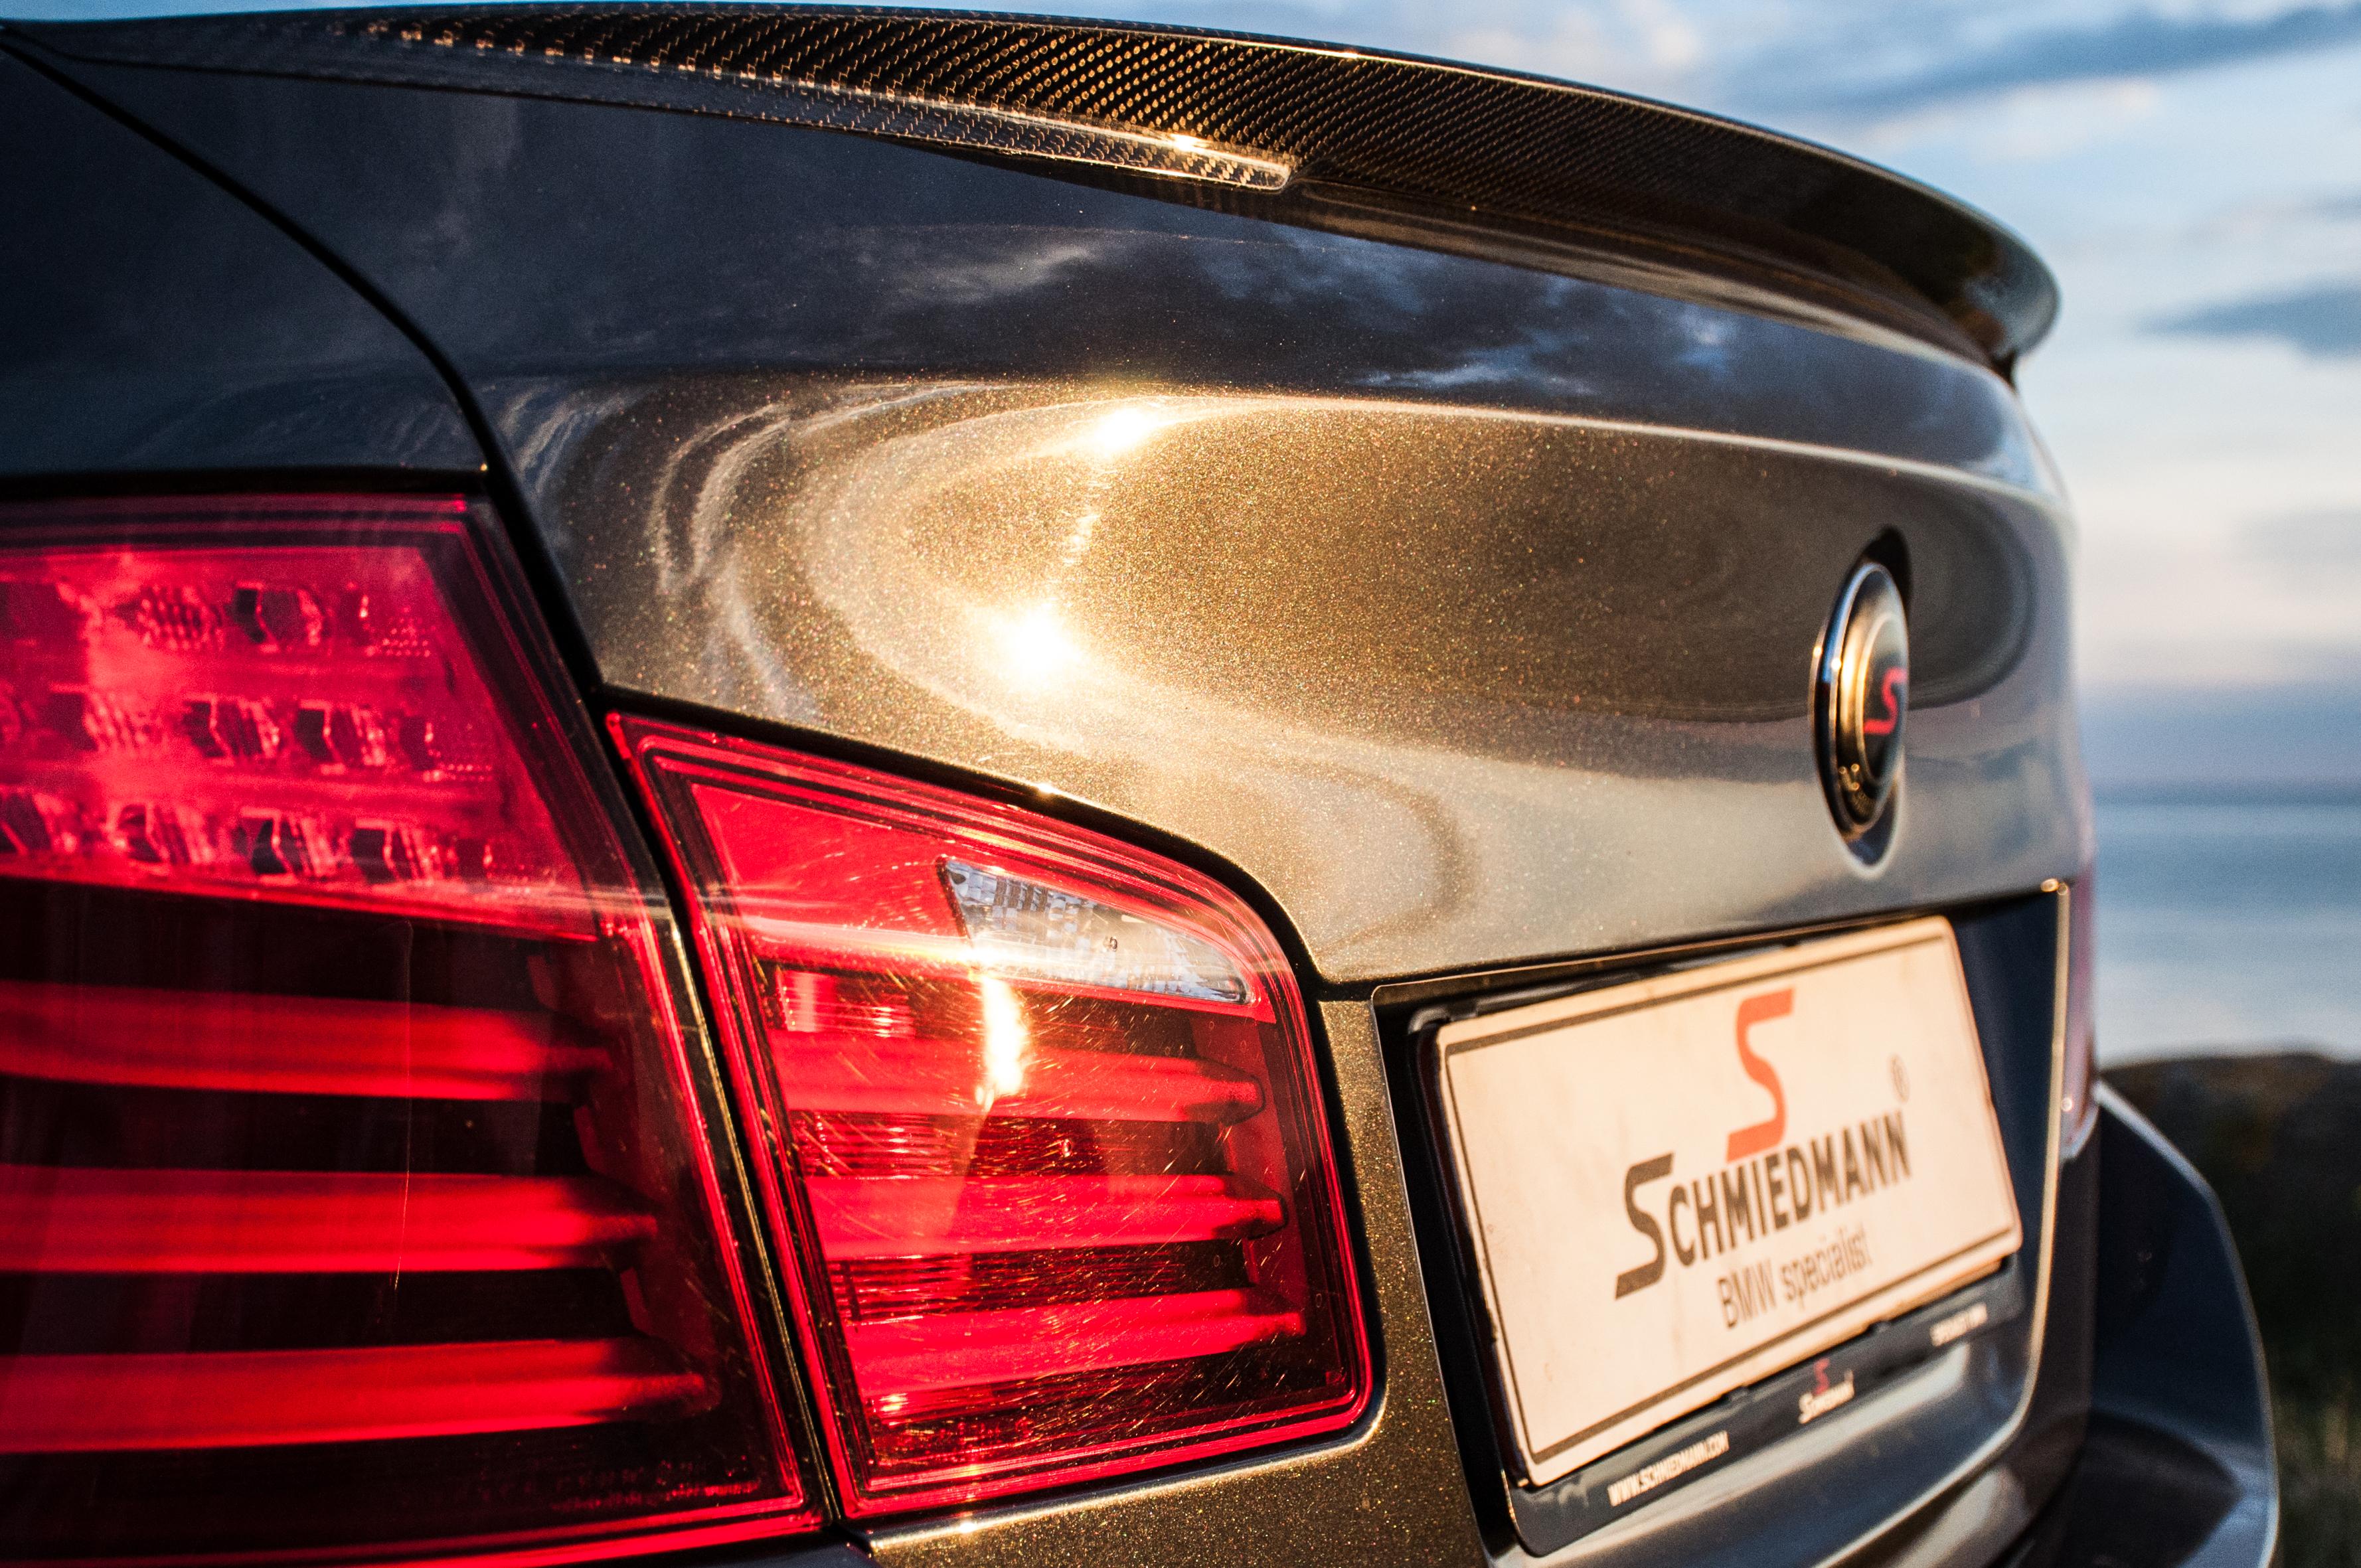 Schmiedmann - BMW F10 550I Schmiedmann S5 - From stock to -S5-